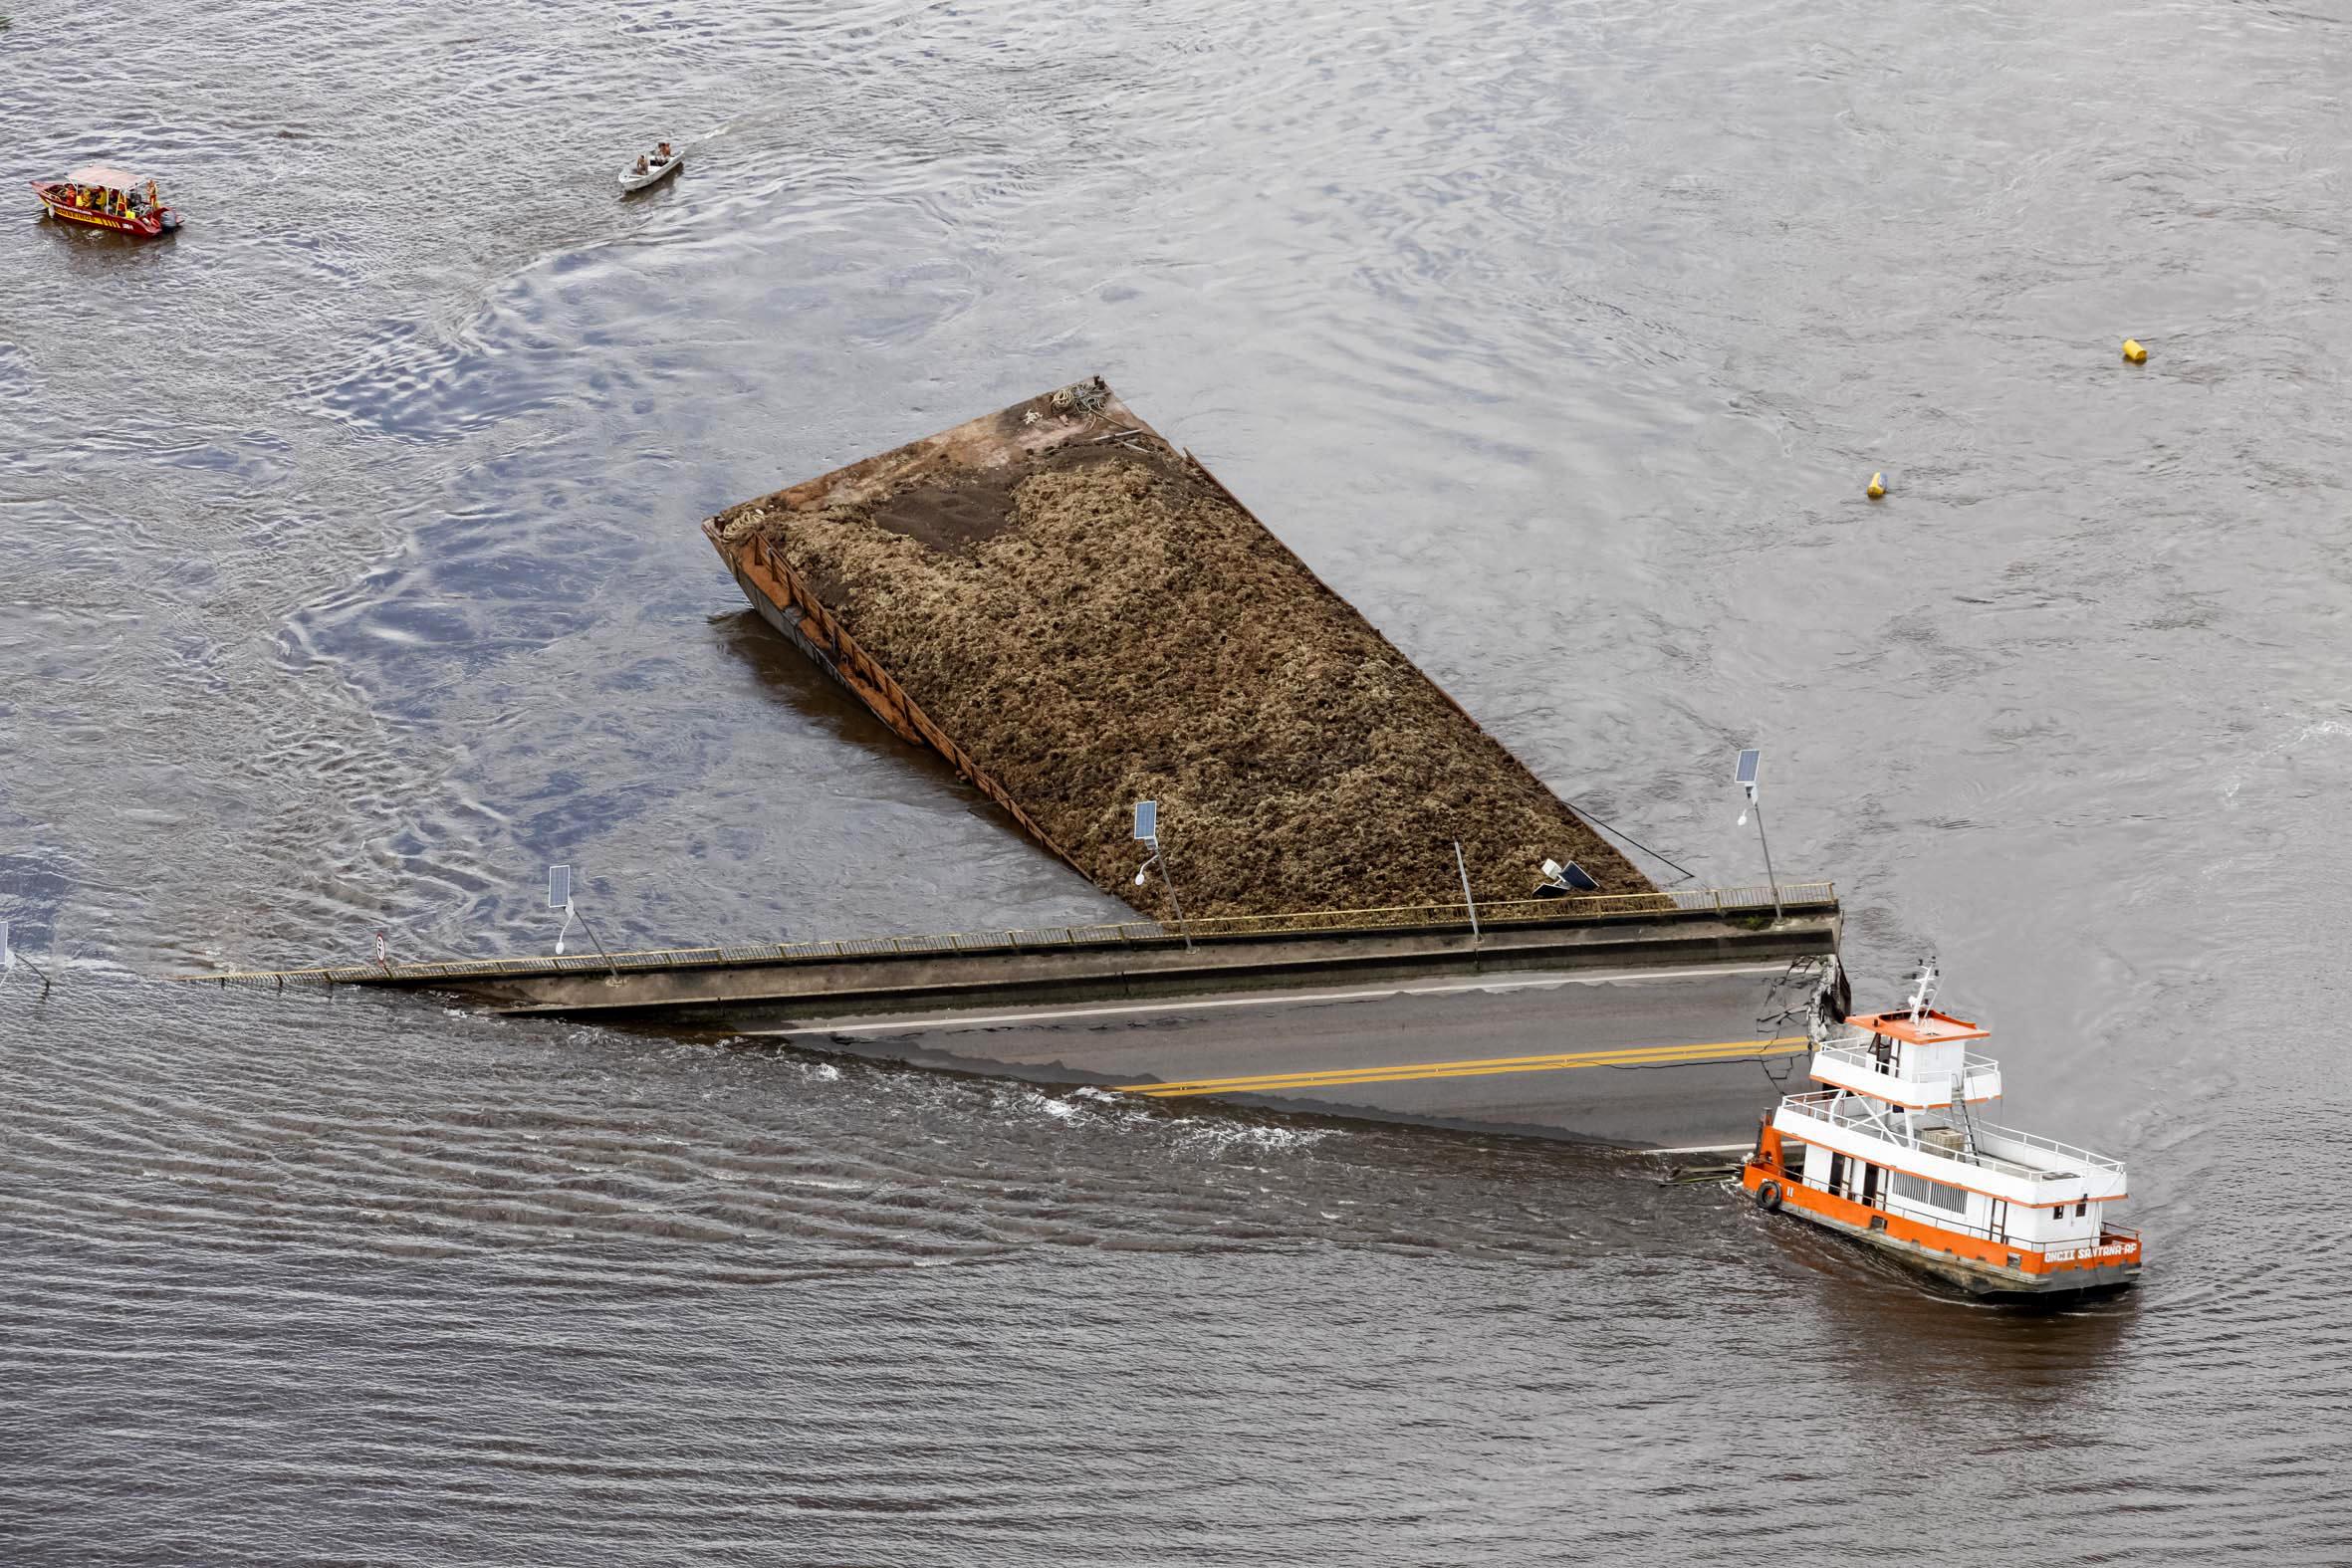 Τα συντρίμμια από τηξ γέφυρα έχουν πέσει μέσα στον ποταμό